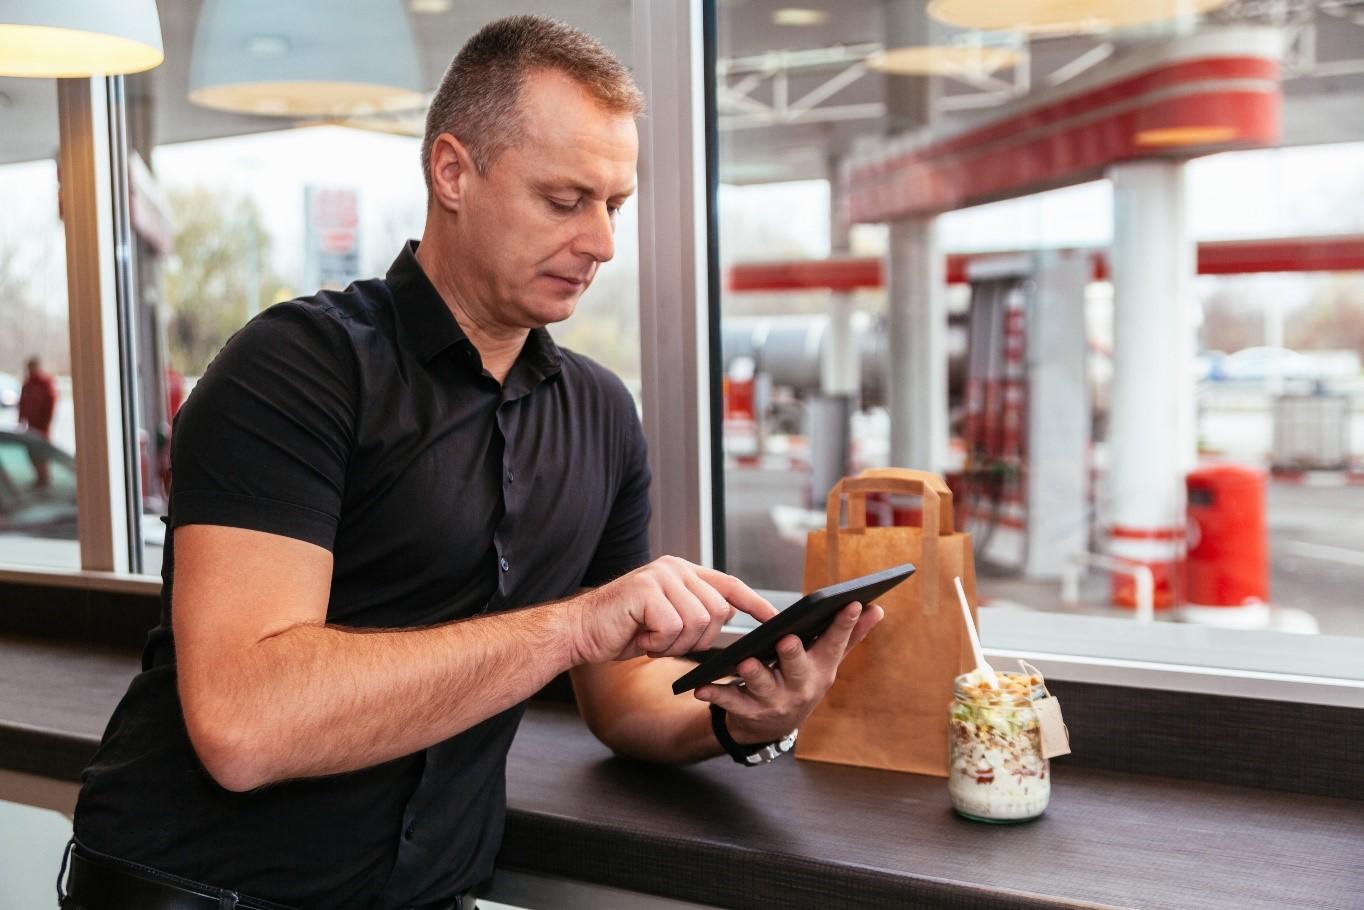 Homem branco no interior de uma loja de conveniência, com um dos braços apoiados em um balcão enquanto utiliza um tablet. Ao fundo, através de uma janela, um posto de gasolina.